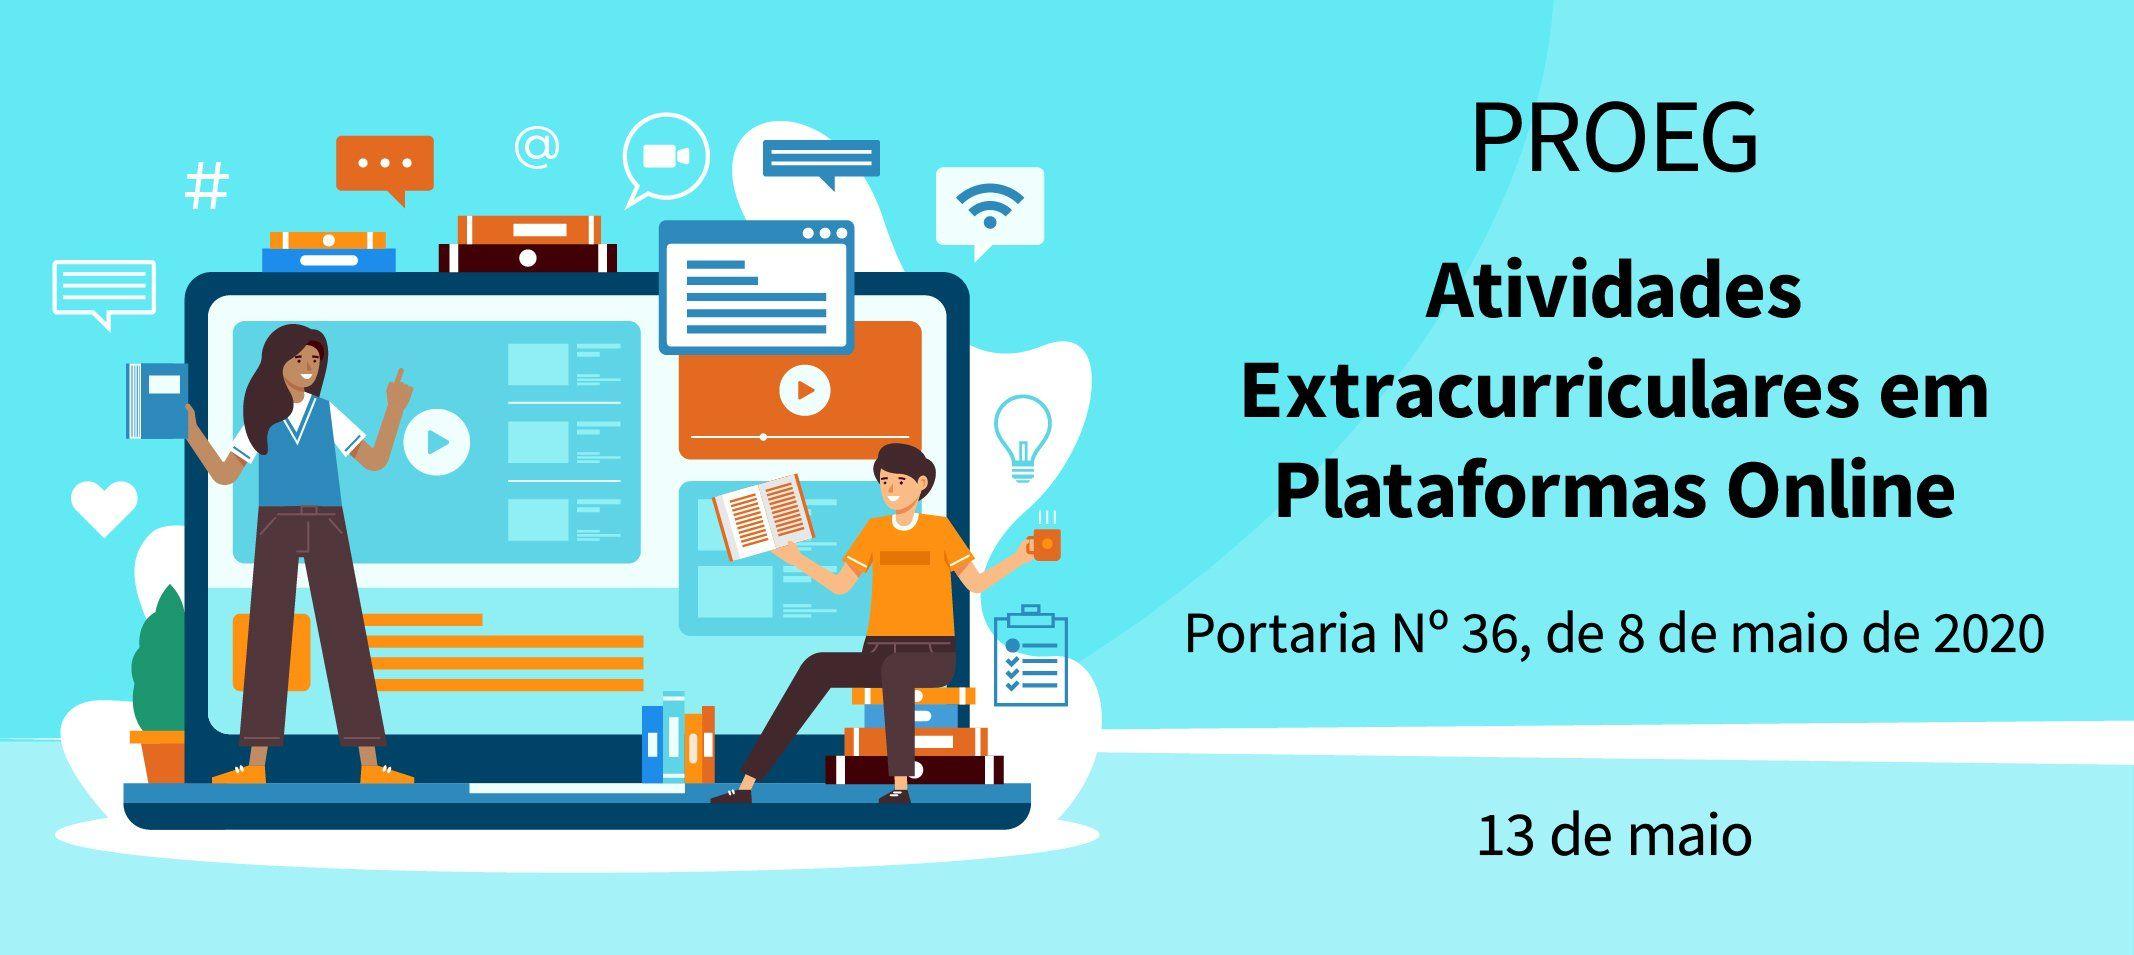 Ufam autoriza realização de atividades extracurriculares em plataformas online